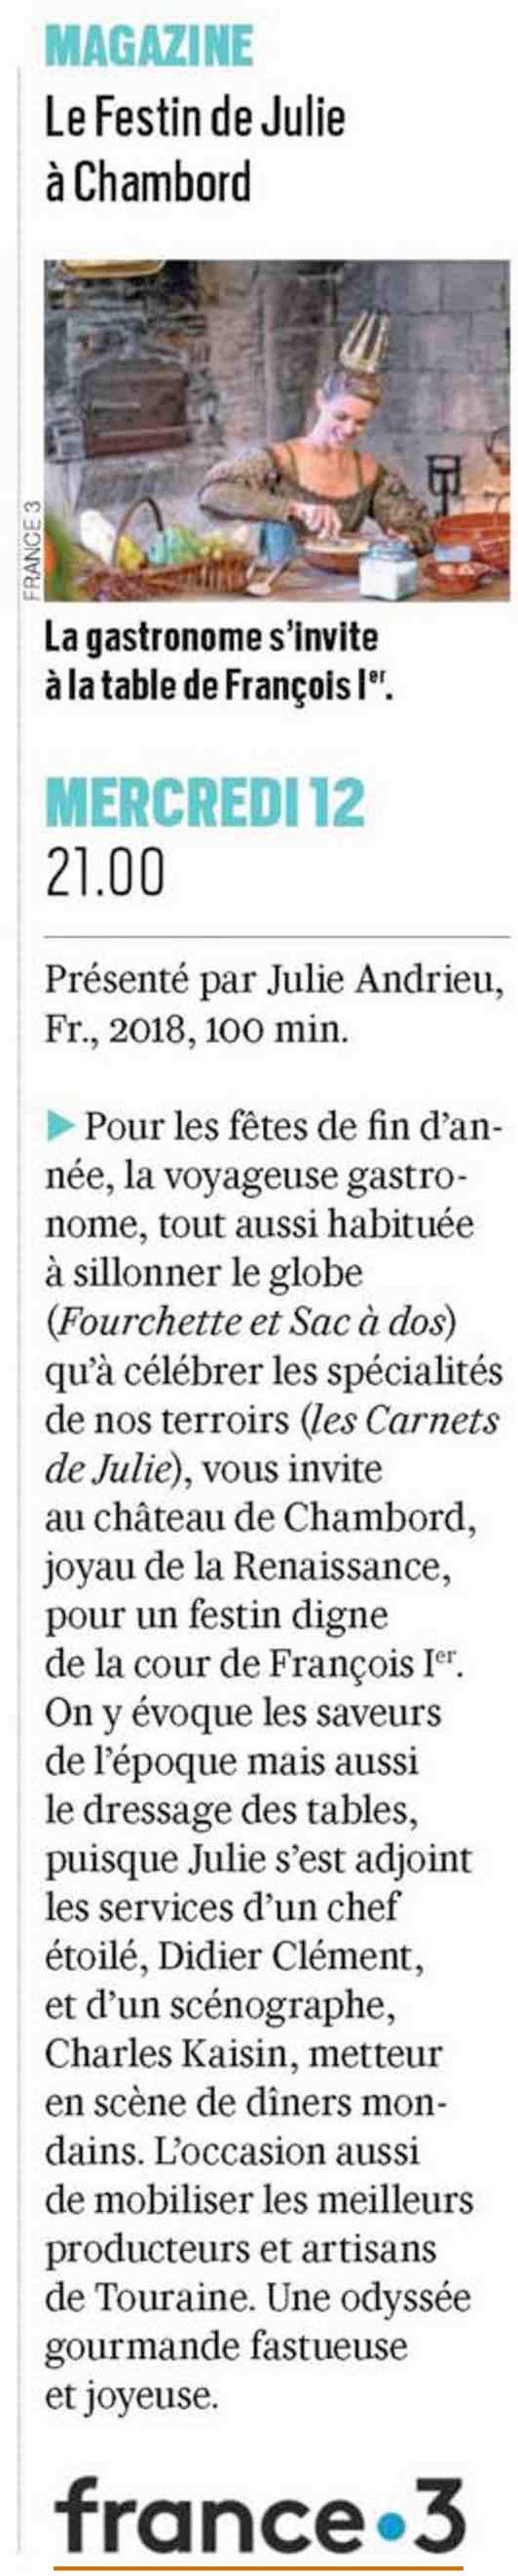 VALEURS ACTUELLE – «Le Festin de Julie à Chambord» – 6 décembre 2018